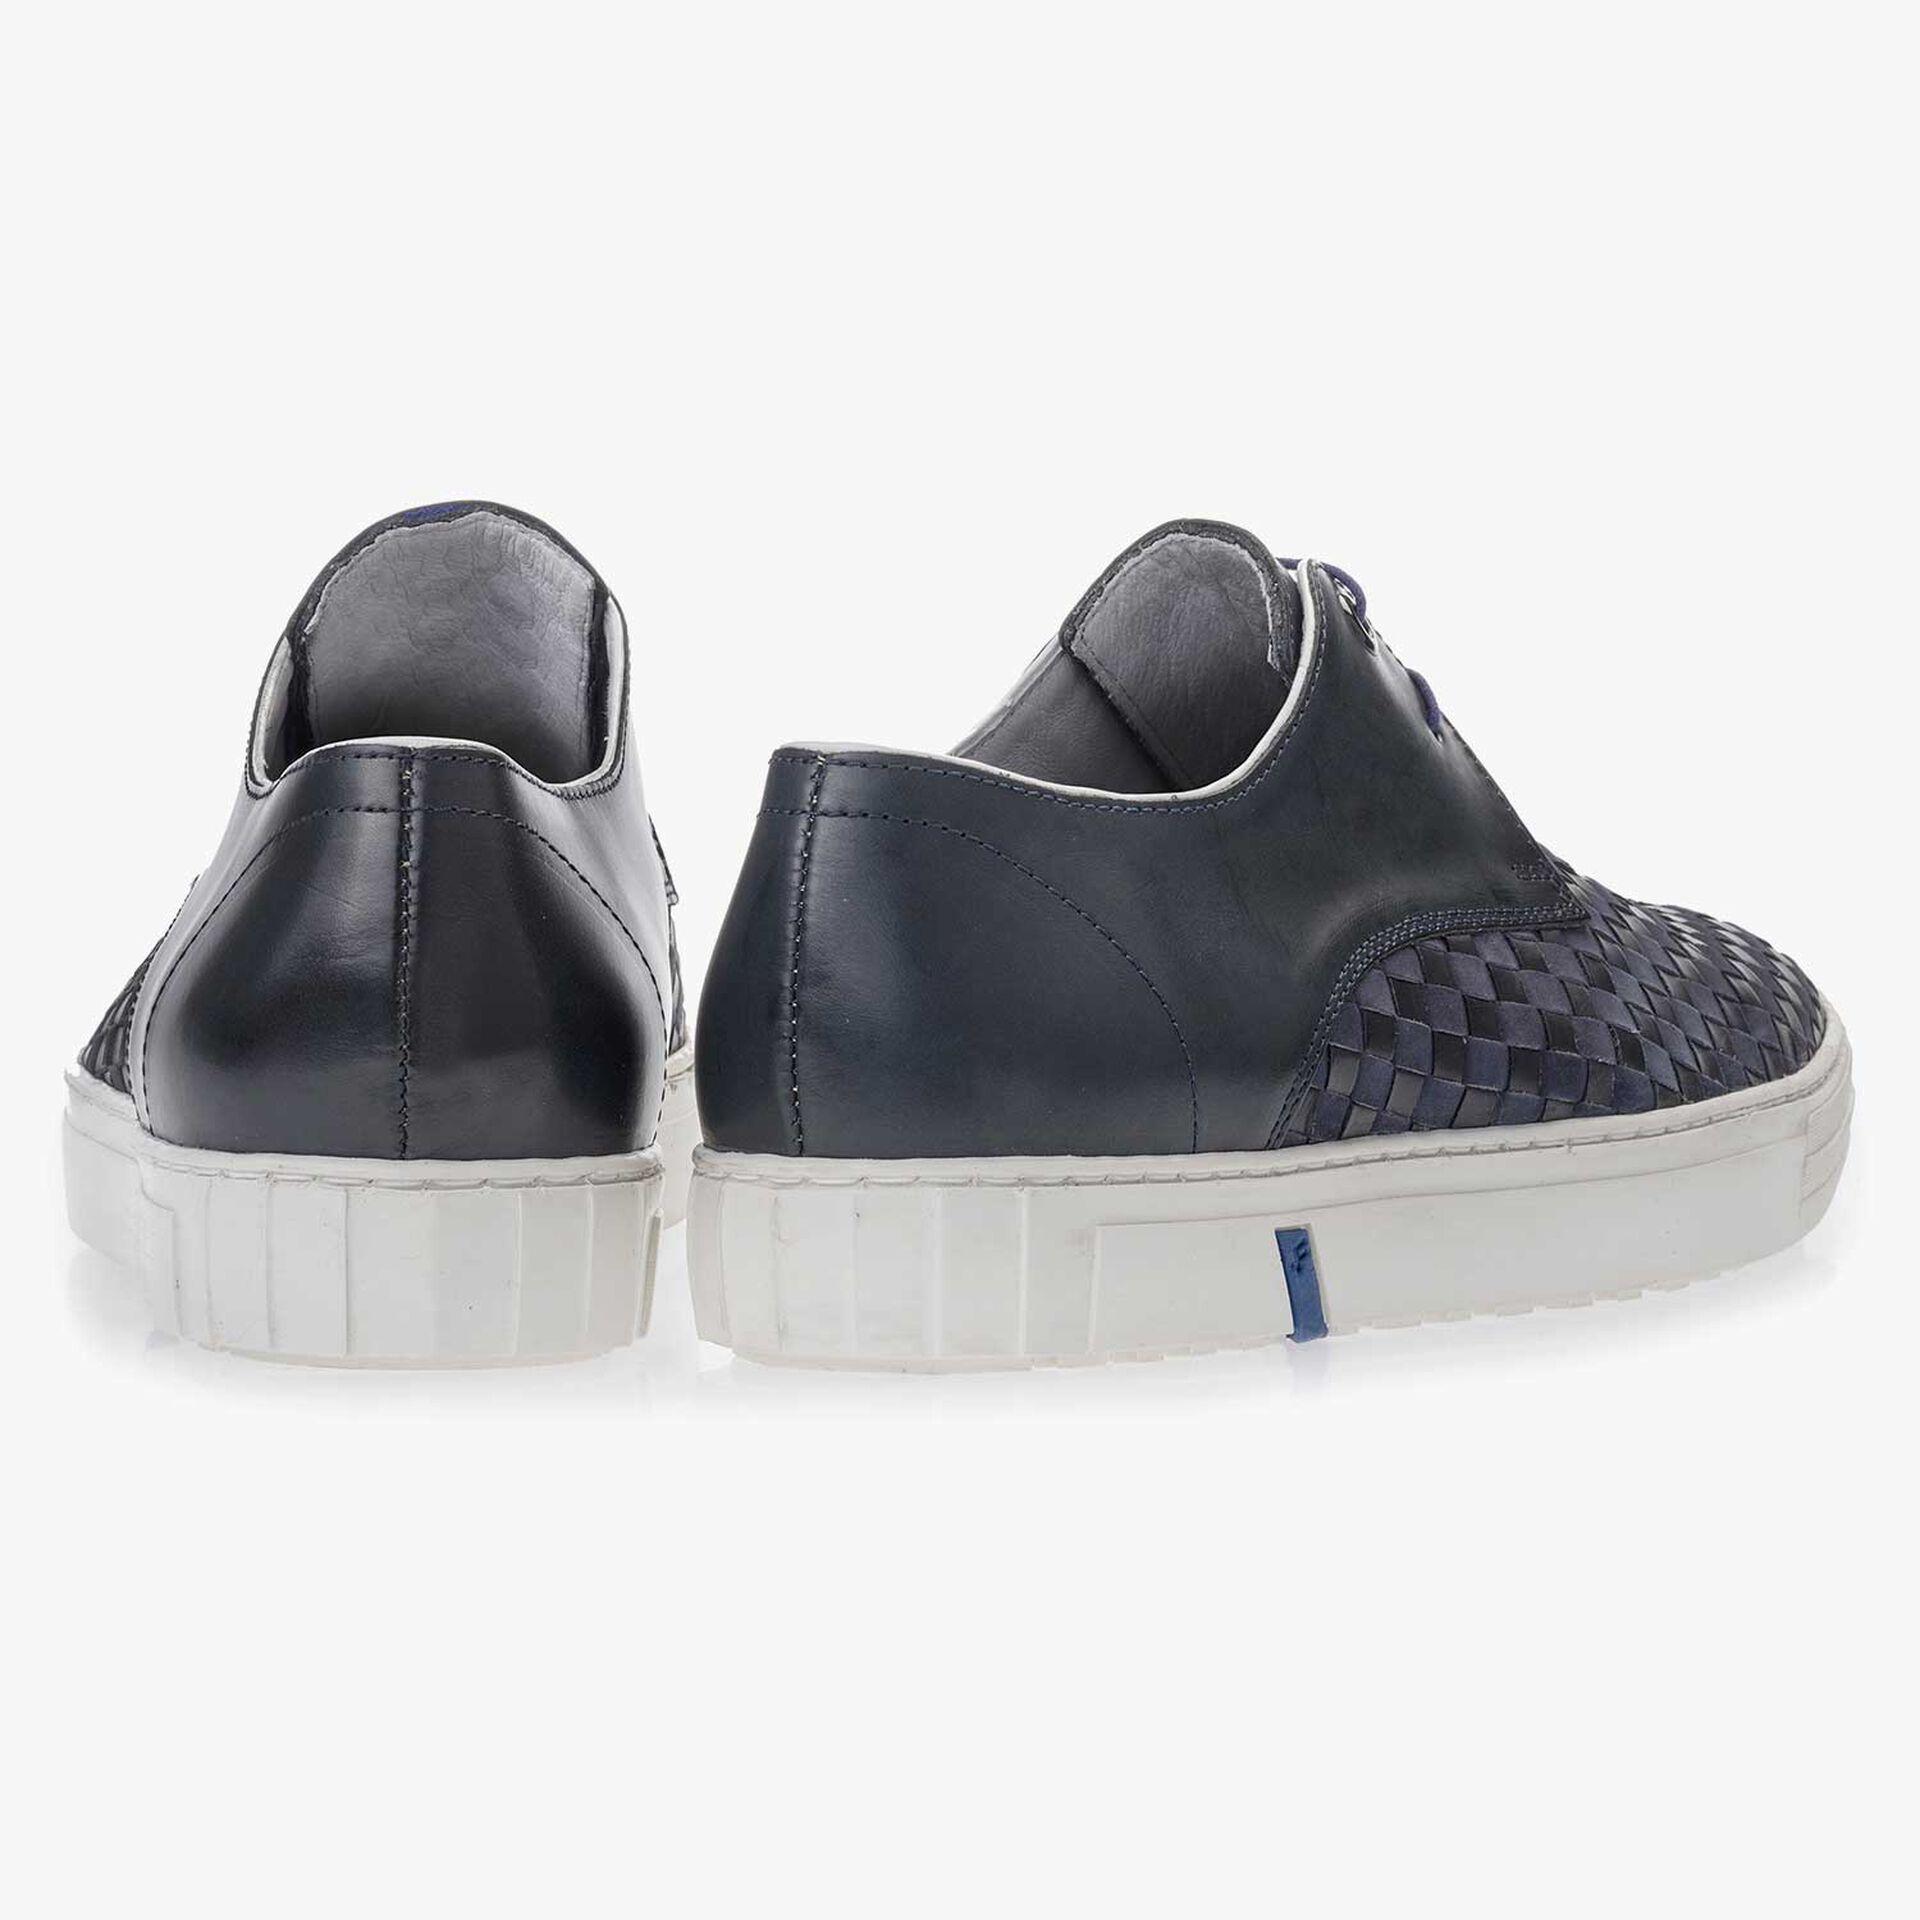 Dunkelblauer, Premium Schnürschuh aus geflochtenem Leder